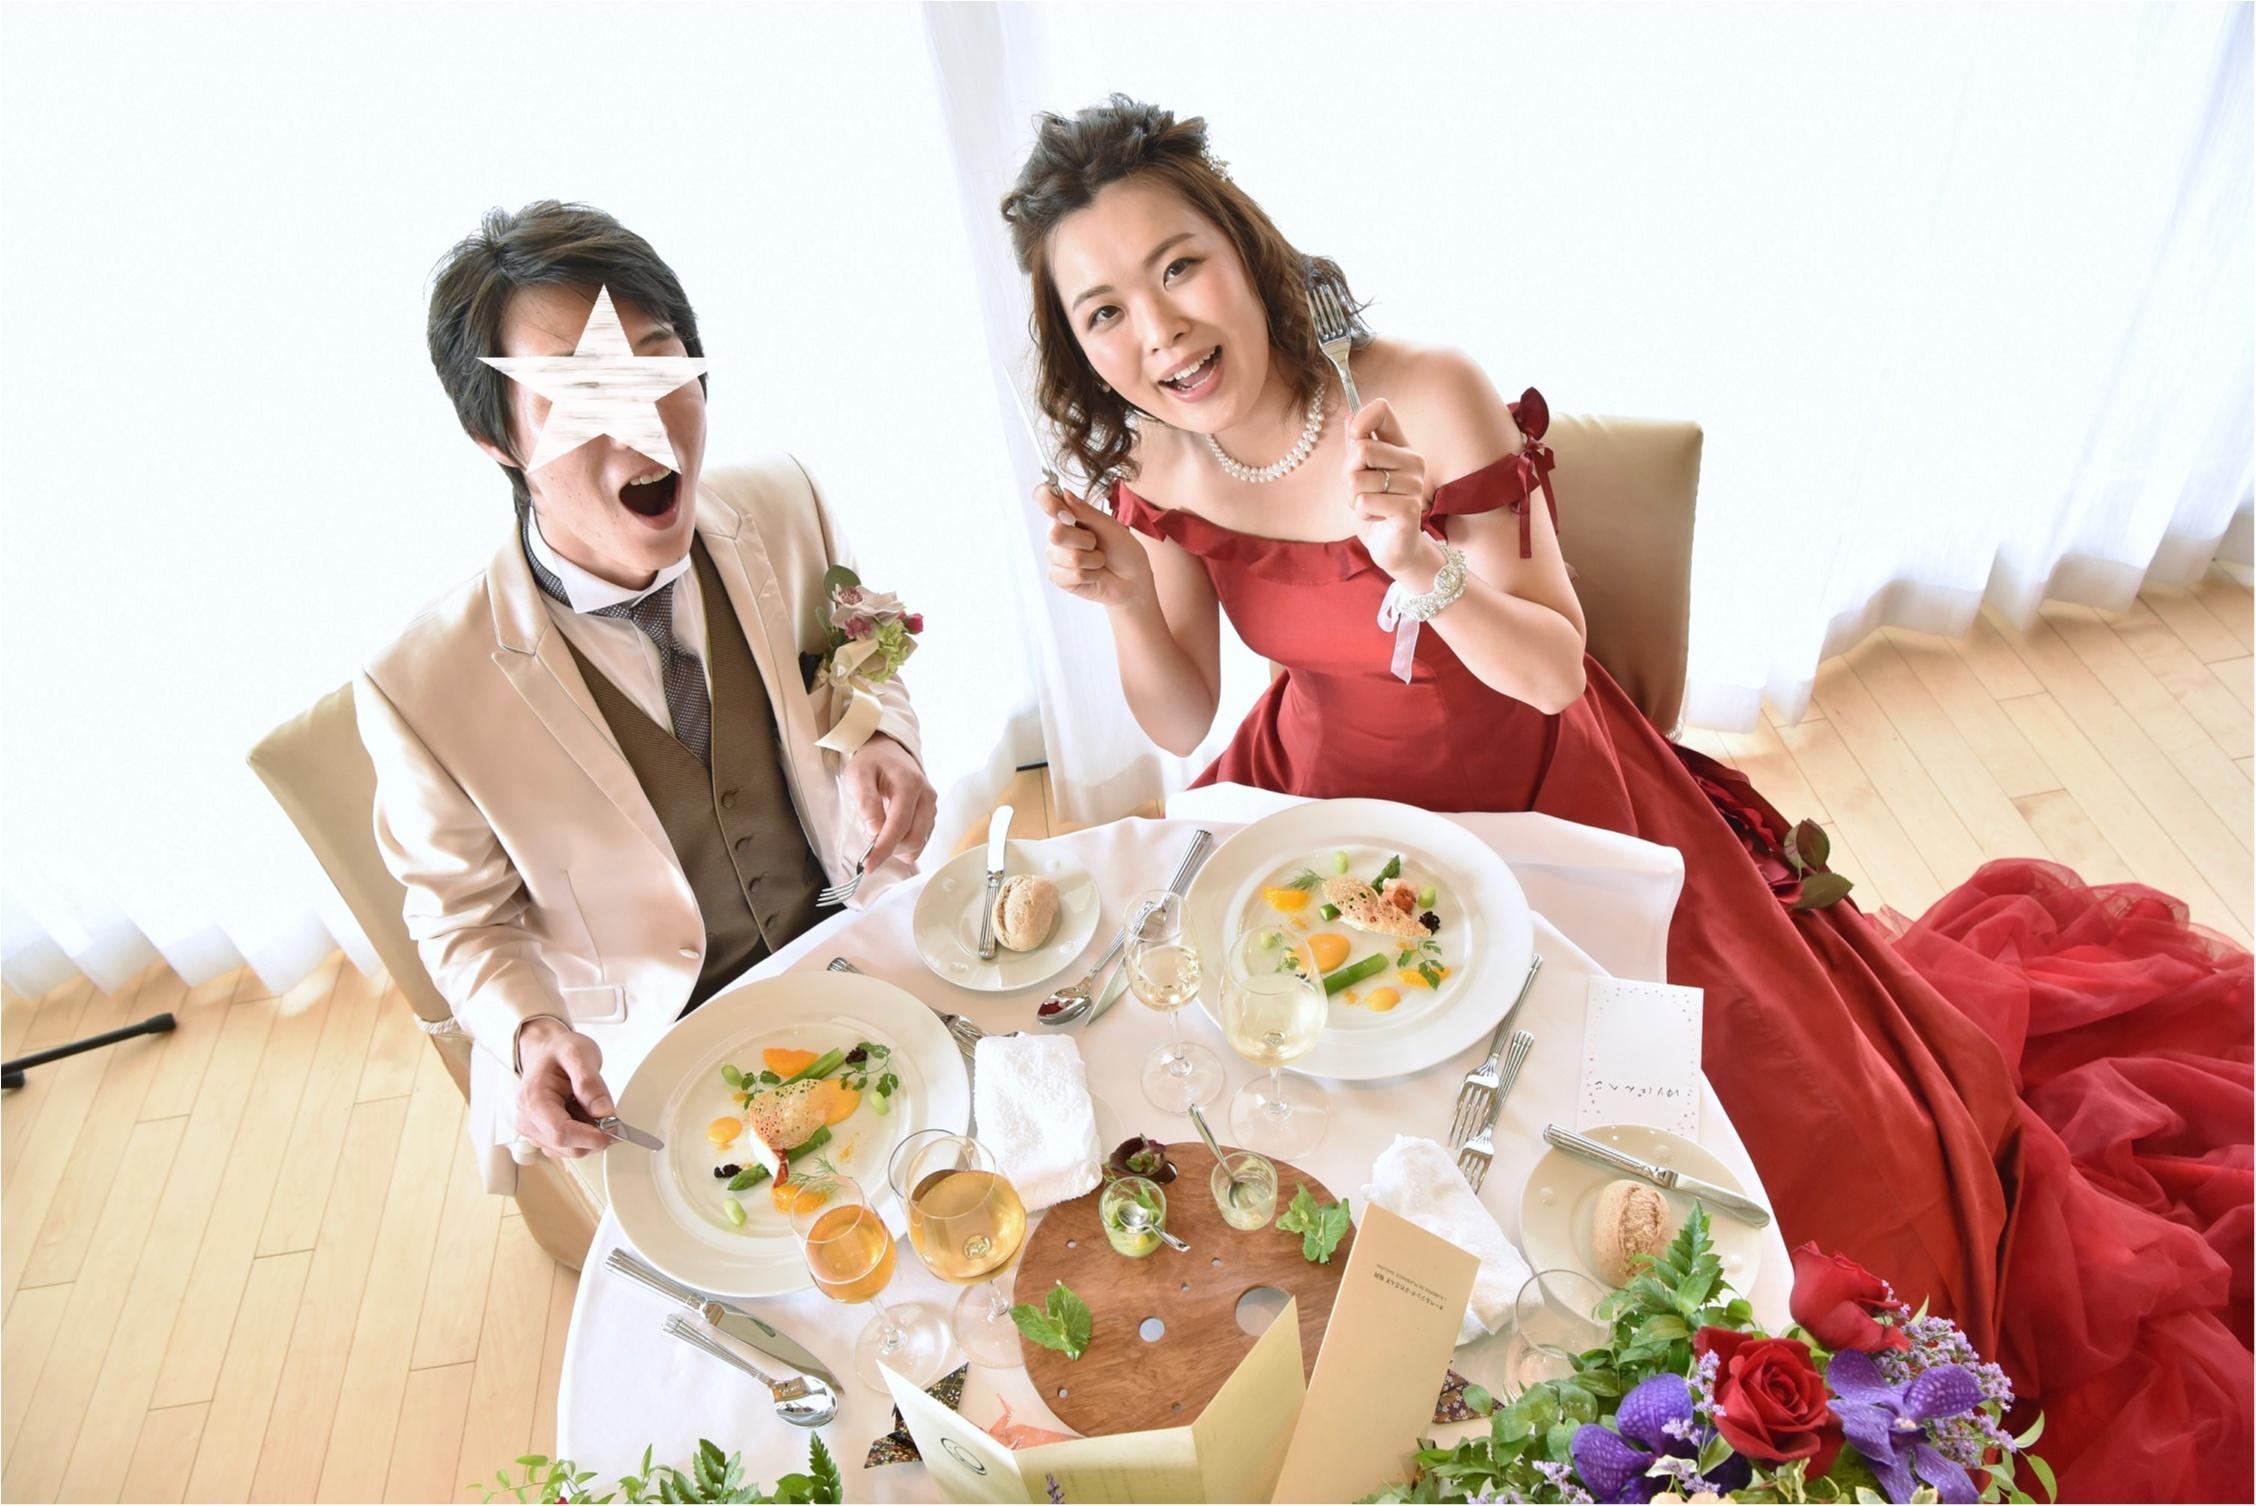 〖ゆりっぺ婚part3〗ここでも≪無し≫にこだわった、家族メインの食事会★「ひらまつ」グループ初めてのオーベルジュで叶えた温かいパーティ♪_5